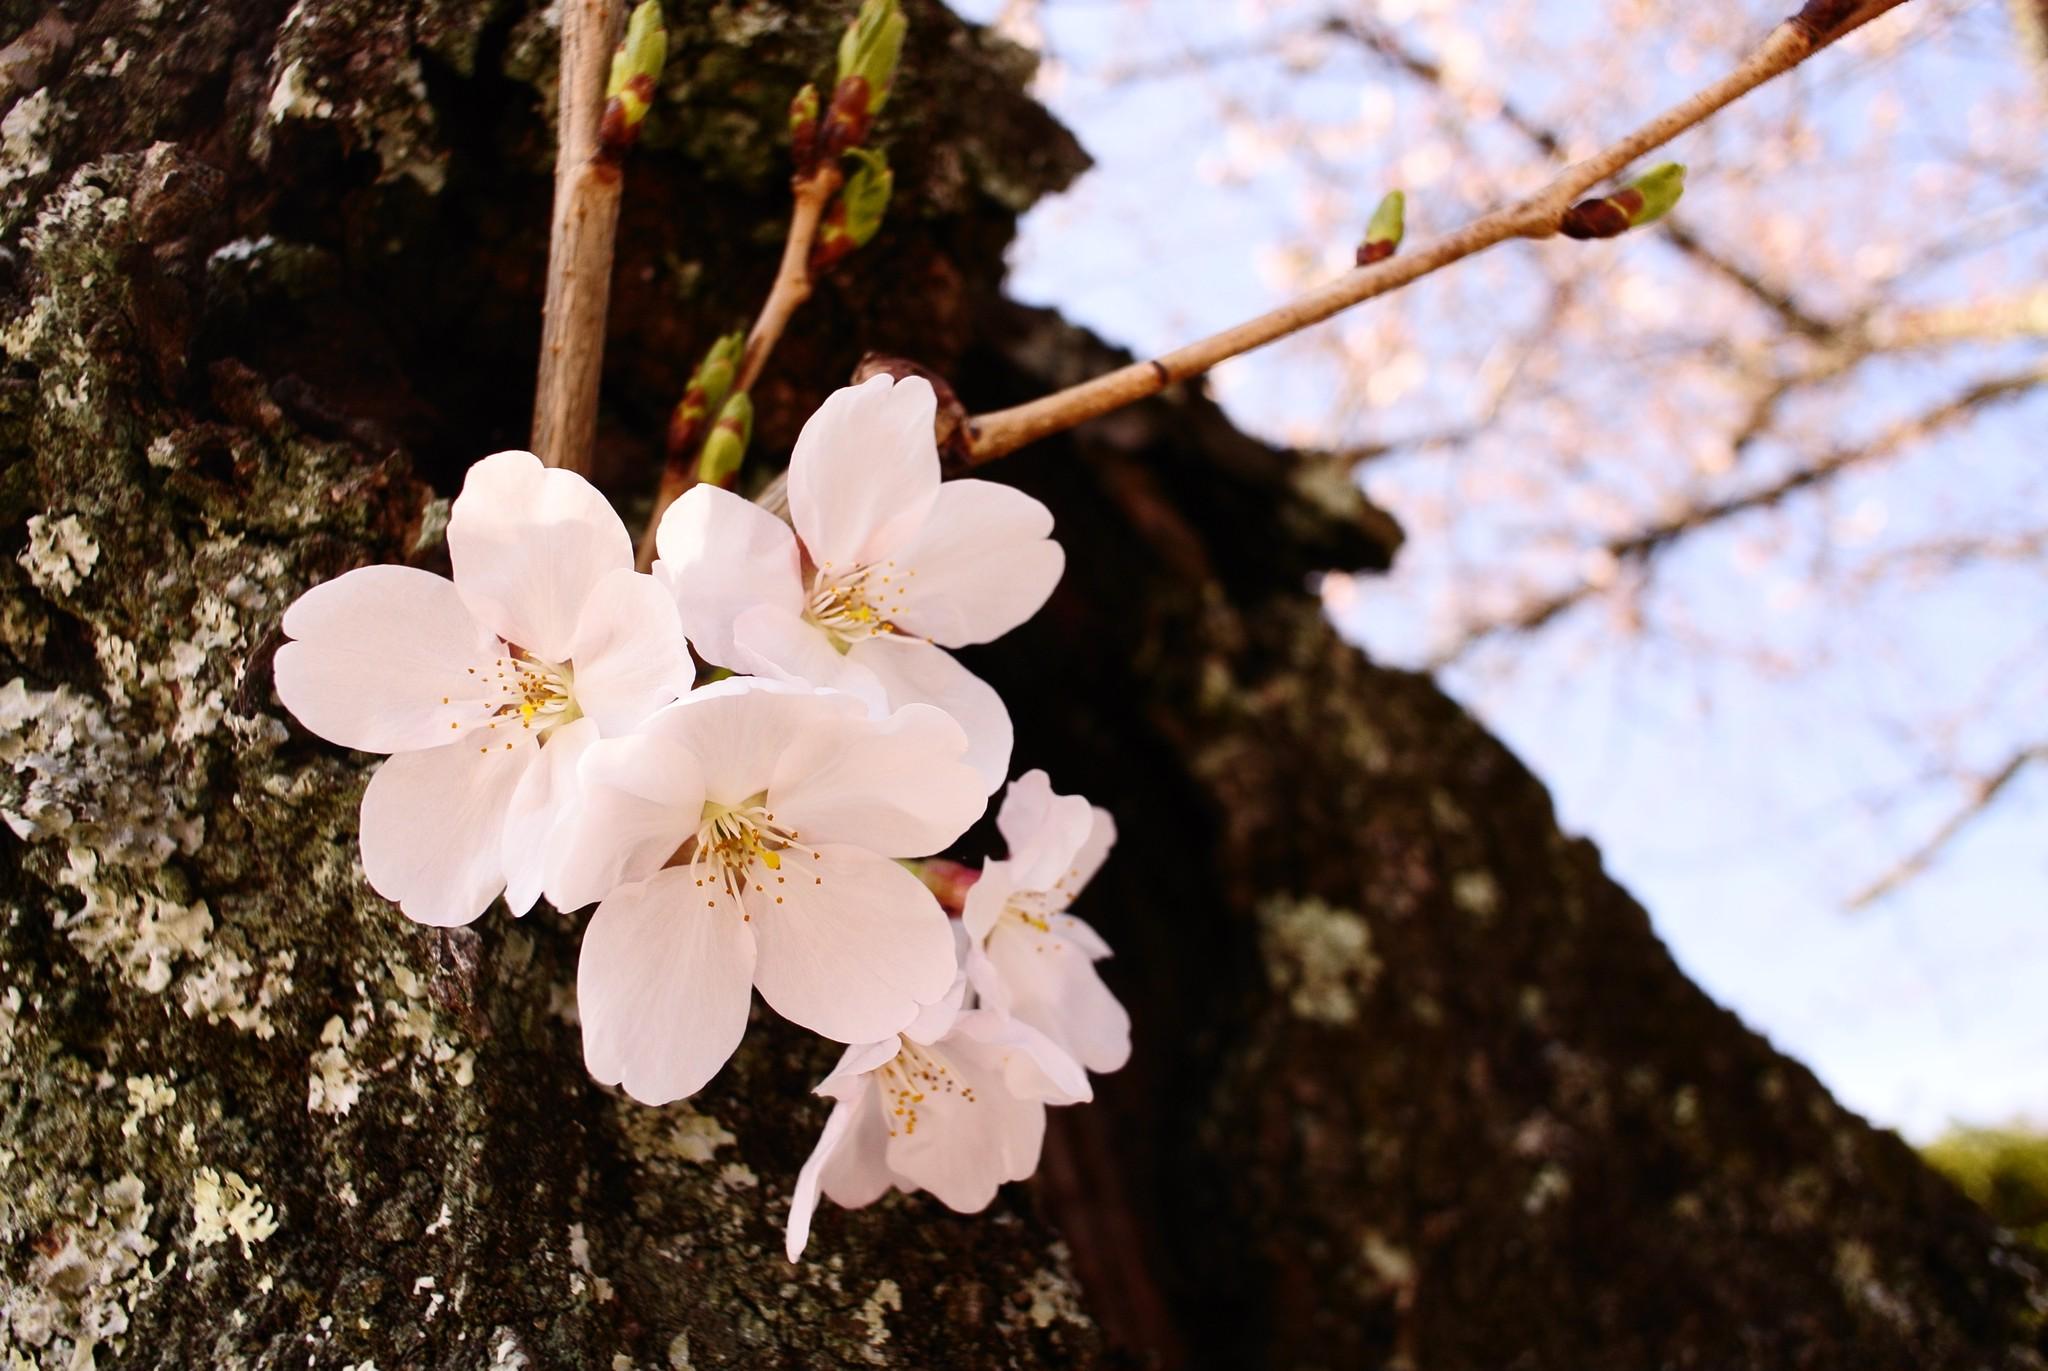 工房の近くの樹にも桜が咲き始めました!